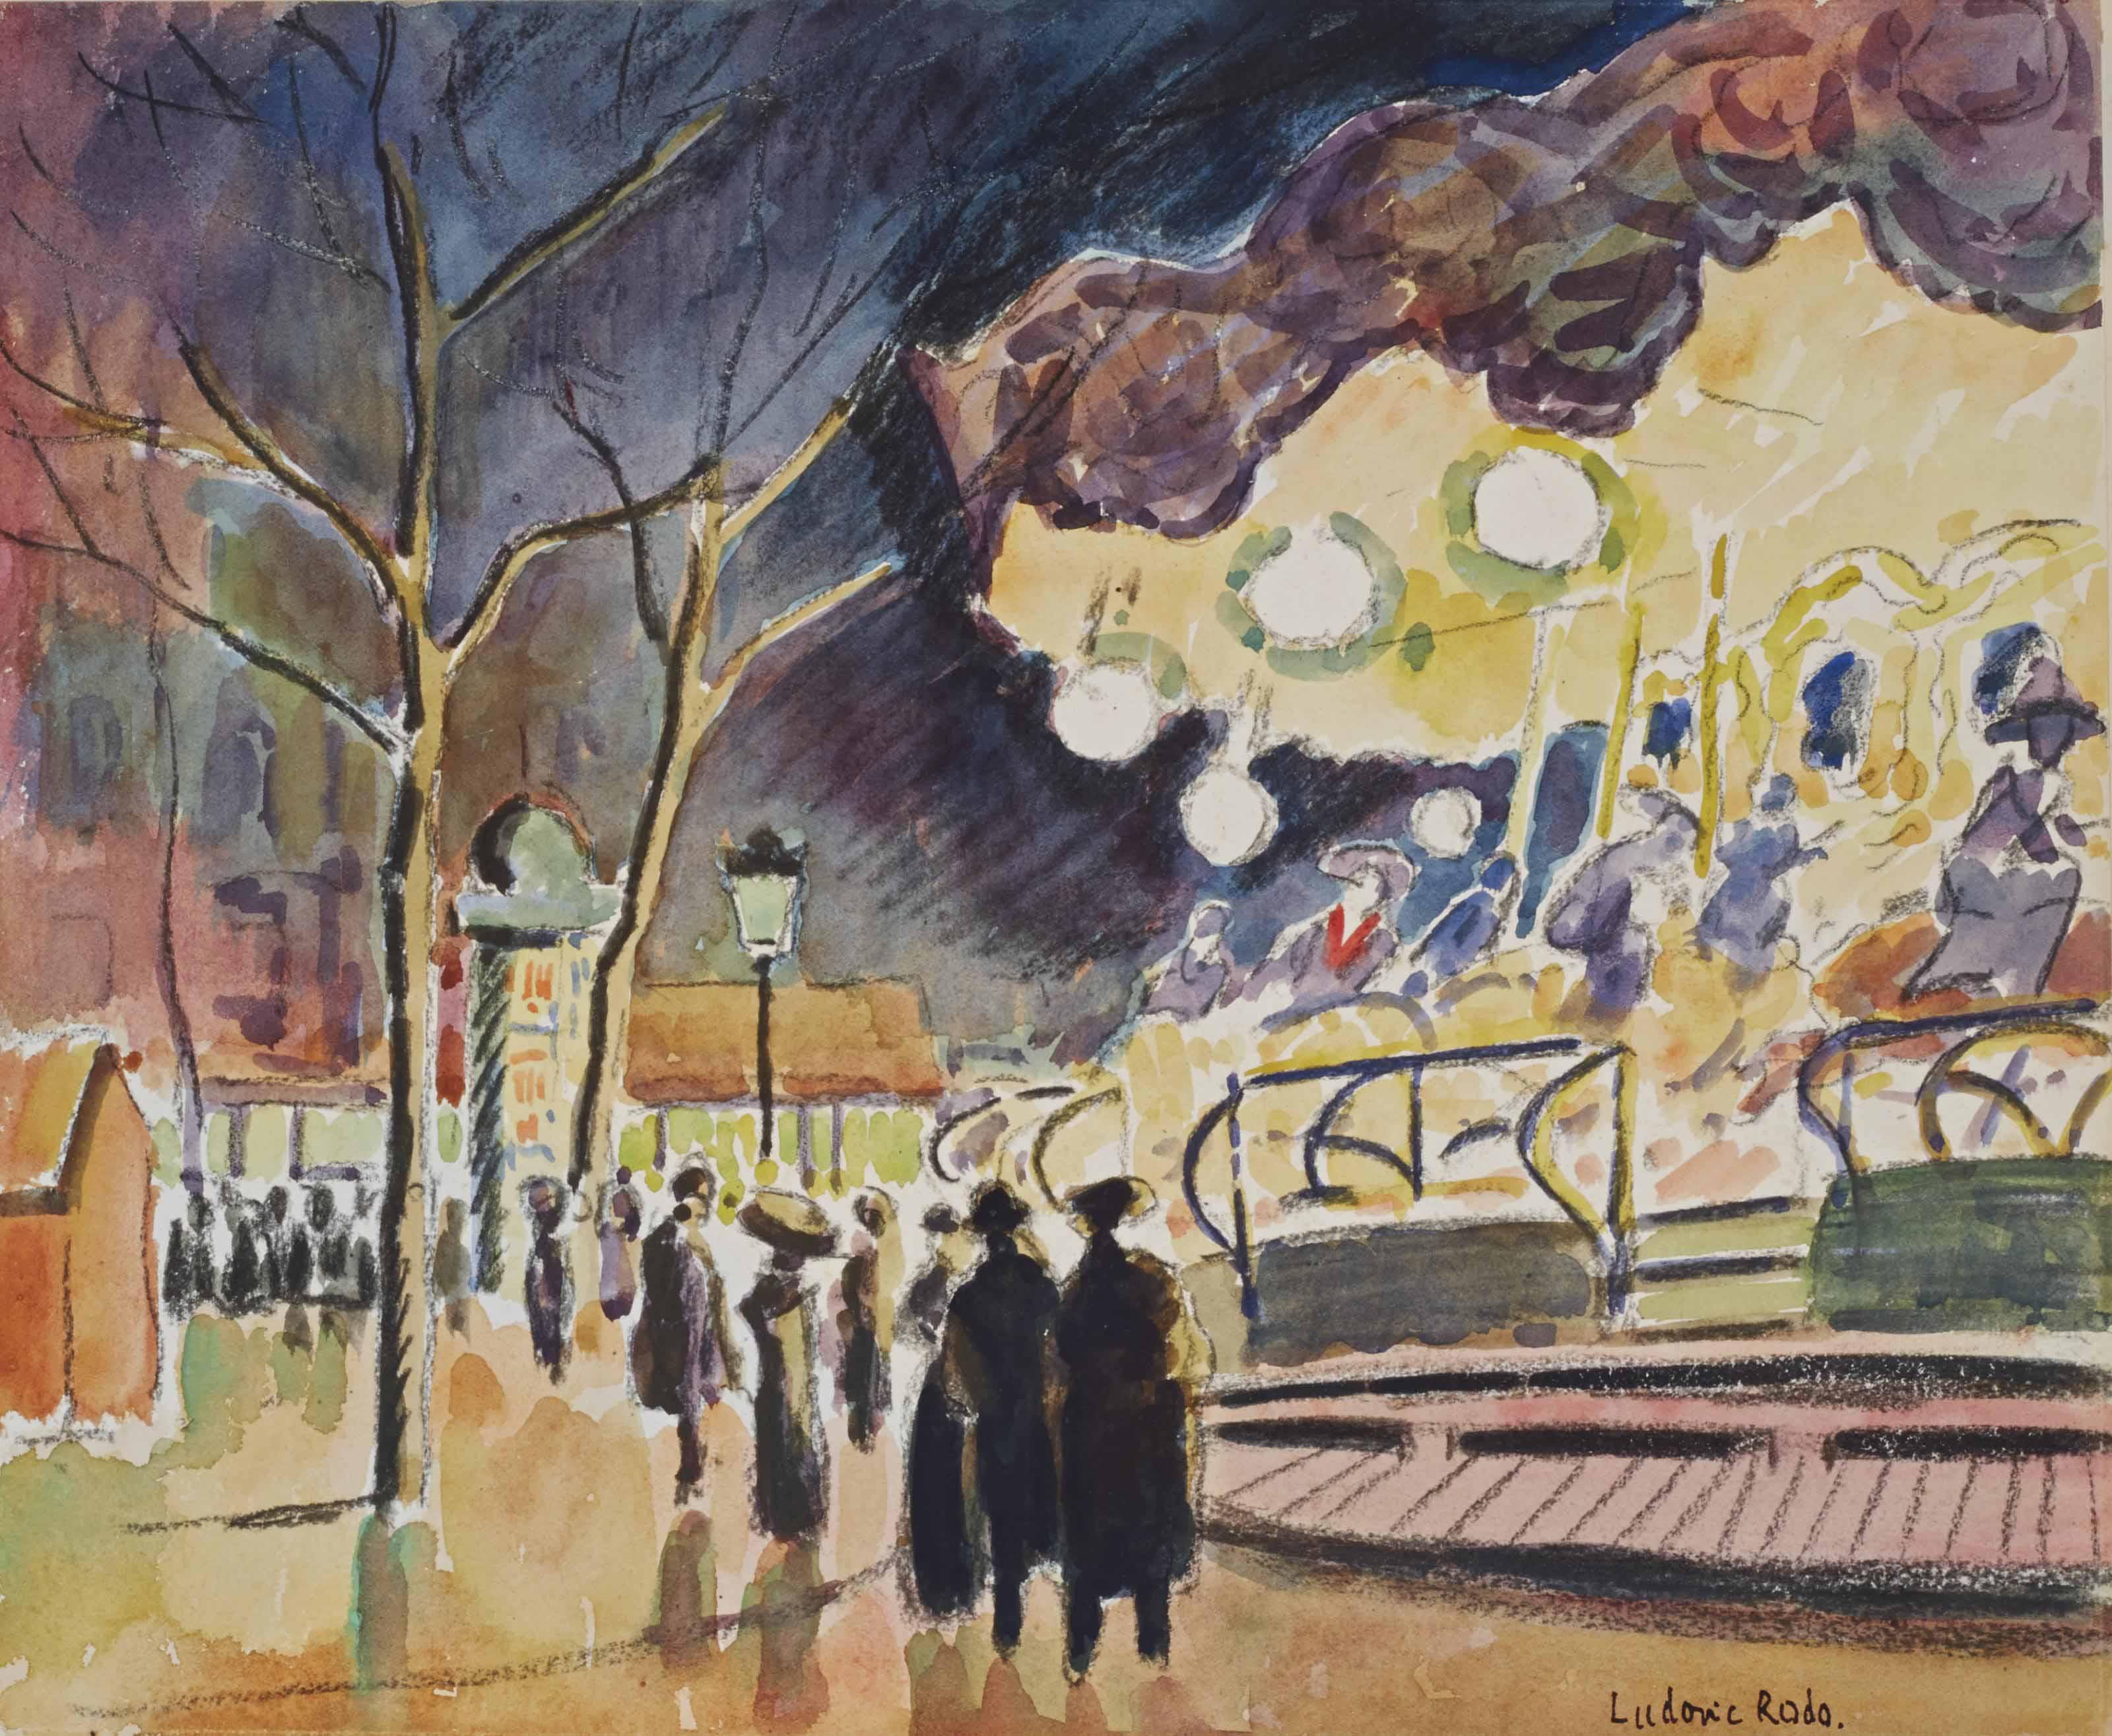 La foire à Montmartre, place Pigalle